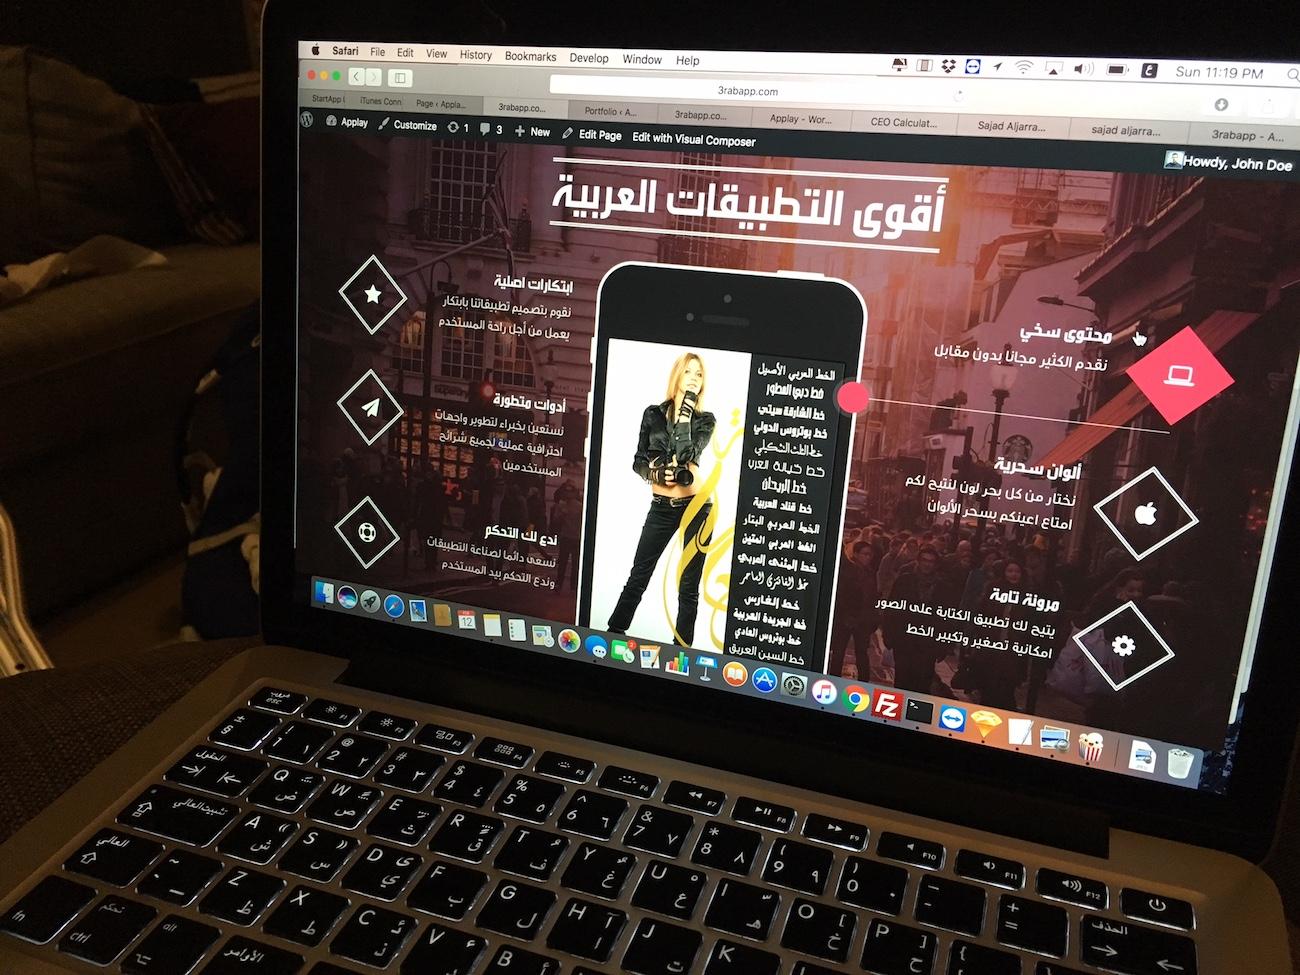 افتتاح موقع عربآب